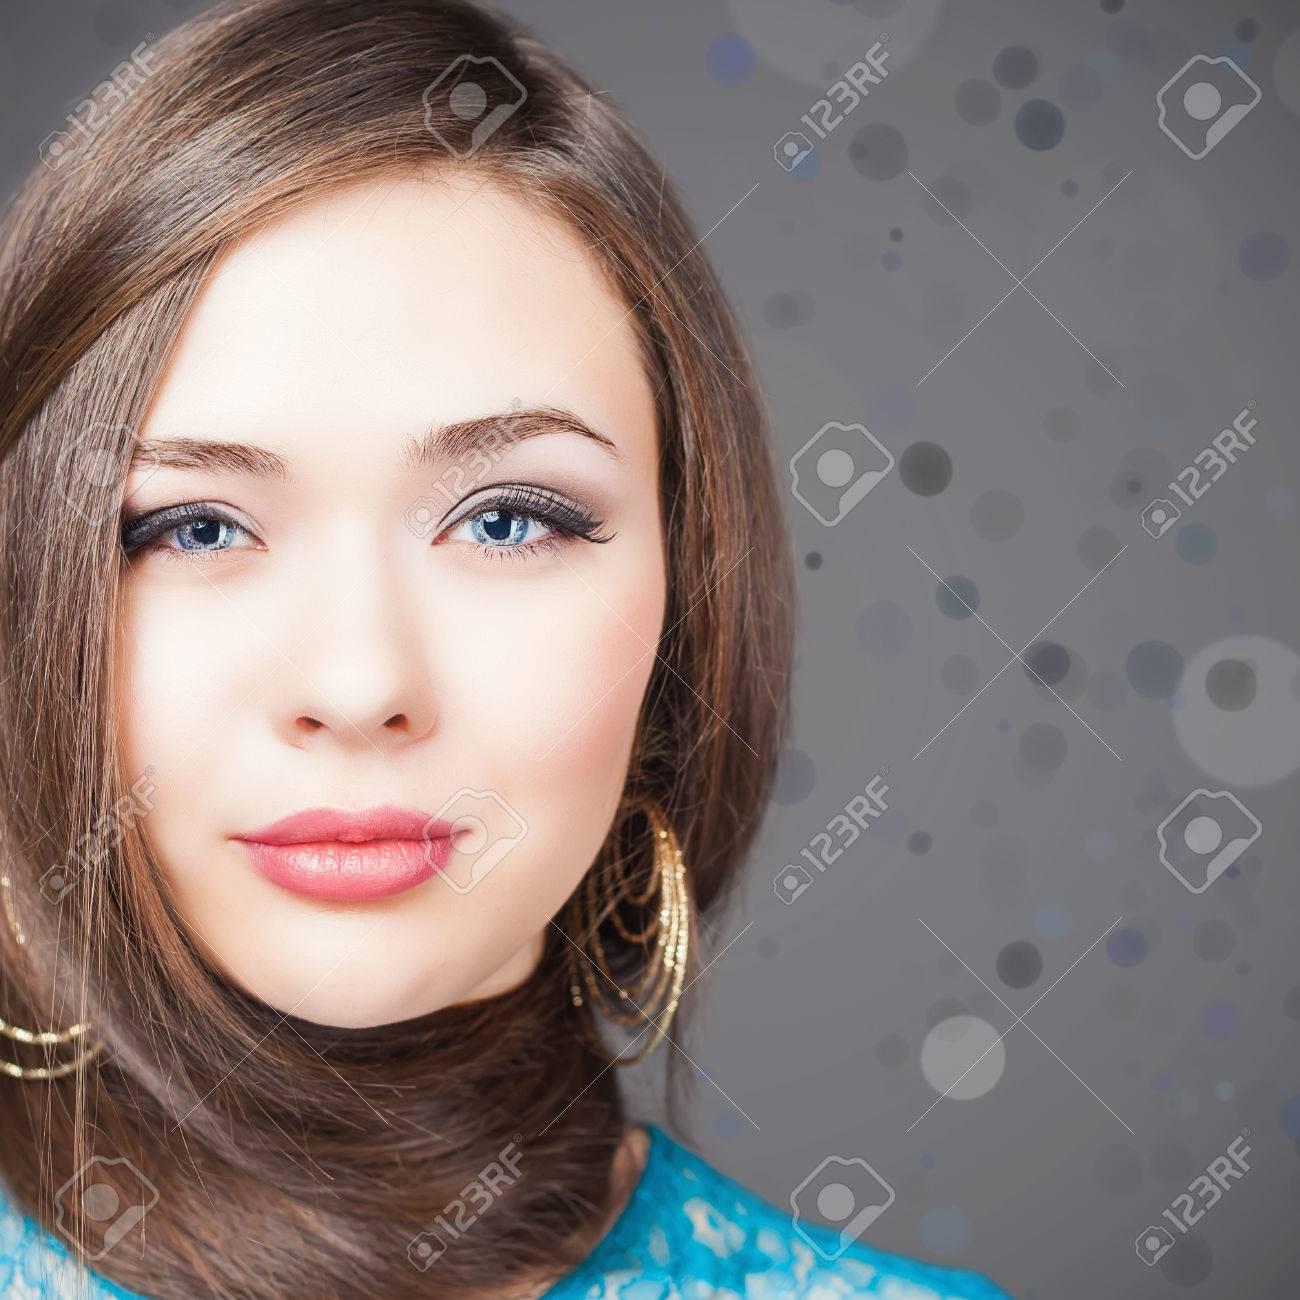 Peinado De Moda Mujer Hermosa Con El Pelo Largo Y Recto Barberia